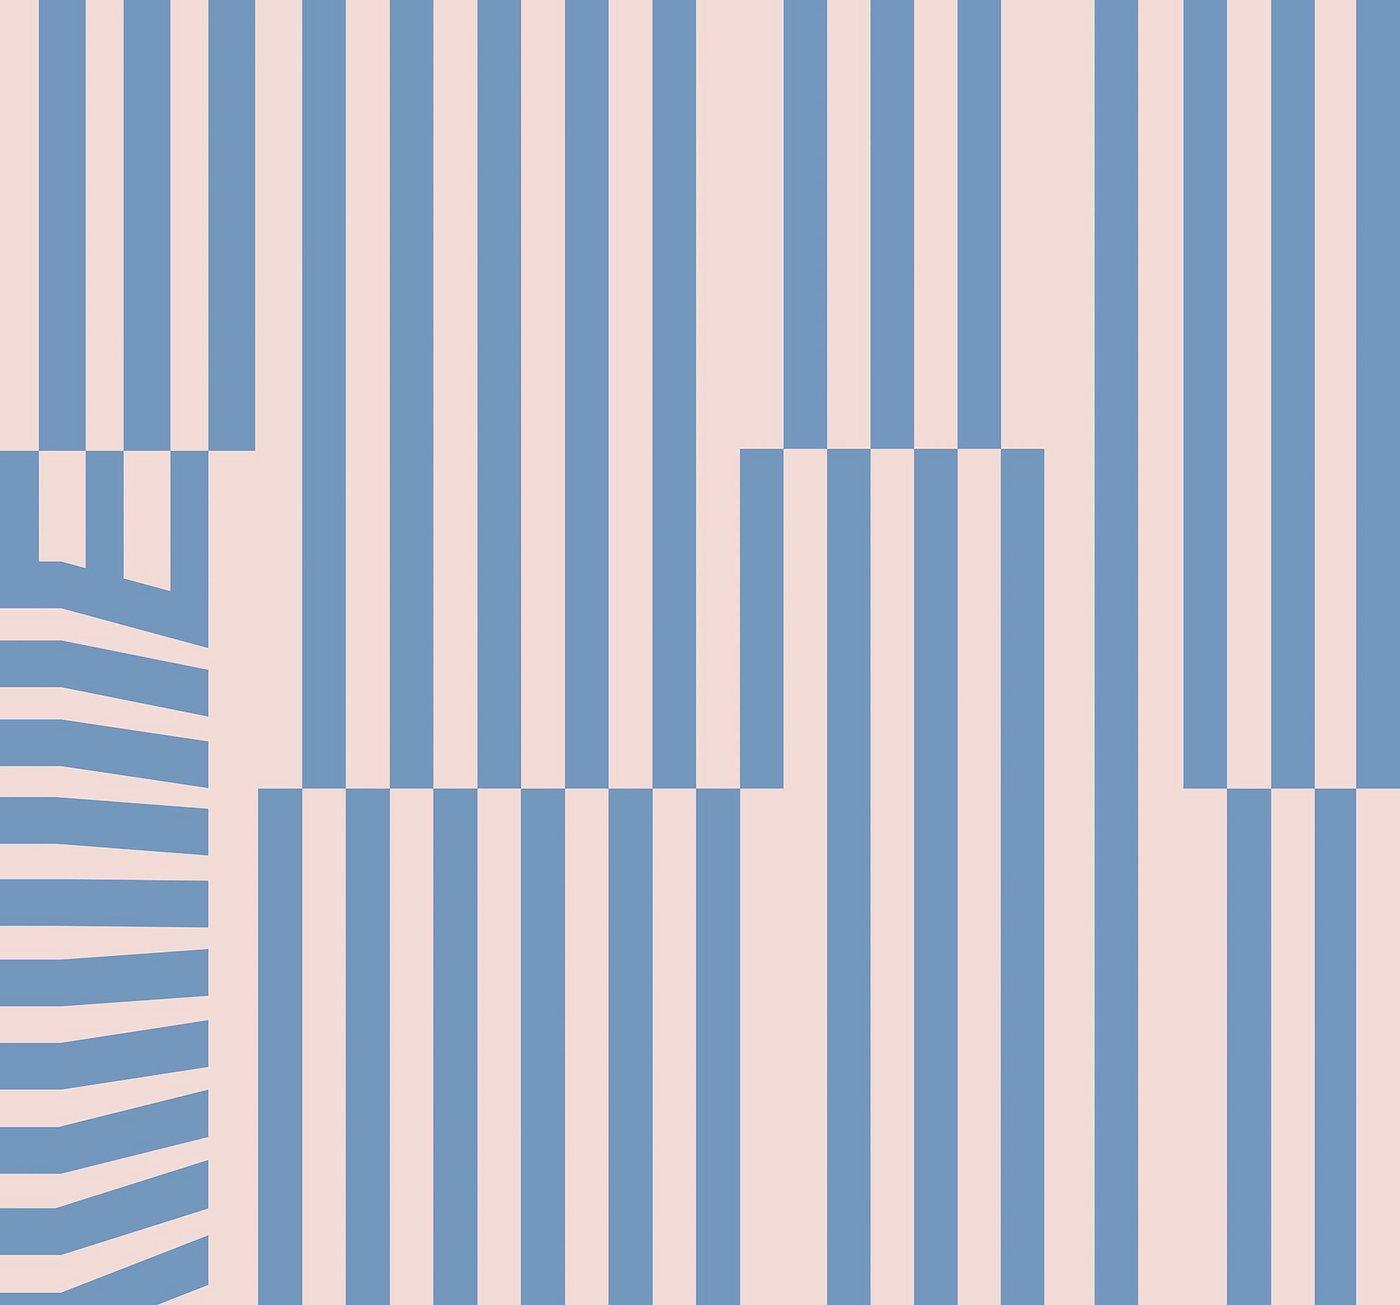 Komar Fototapete »Plural«, glatt, bedruckt, abstrakt, geometrisch